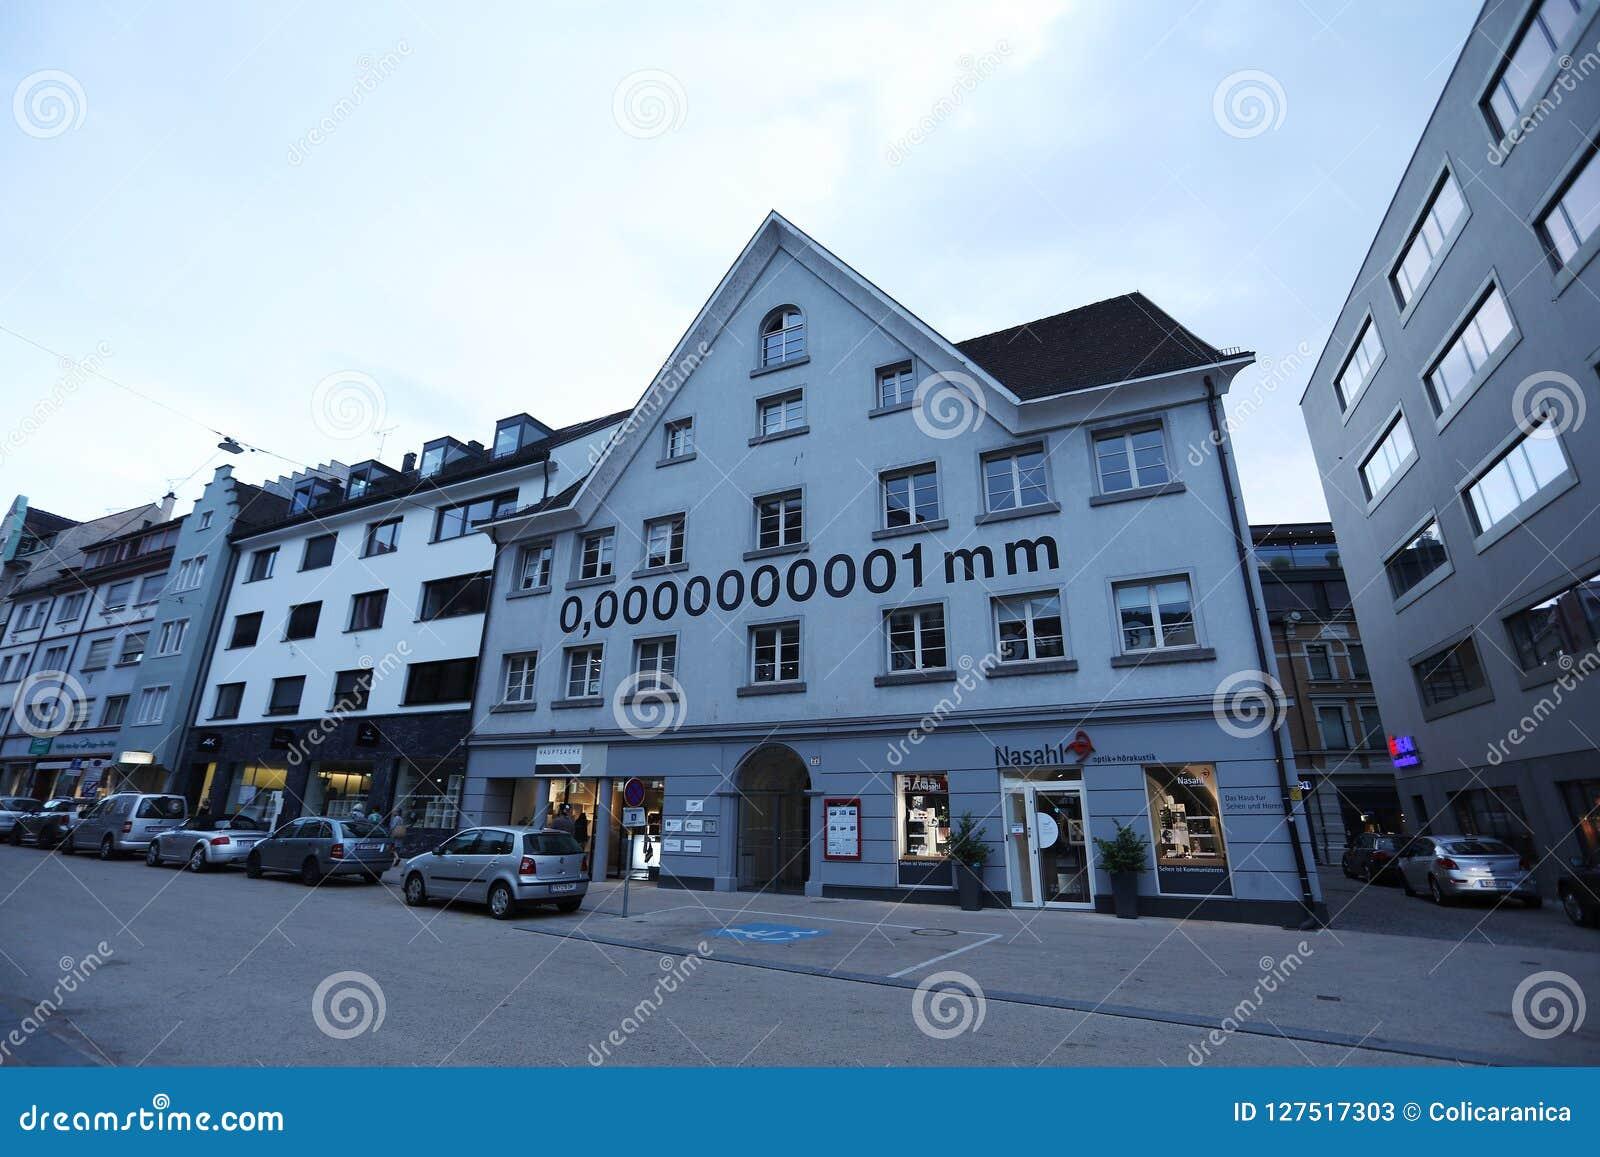 Casa de um nanômetro de 0,0000000001 milímetros em Bregenz